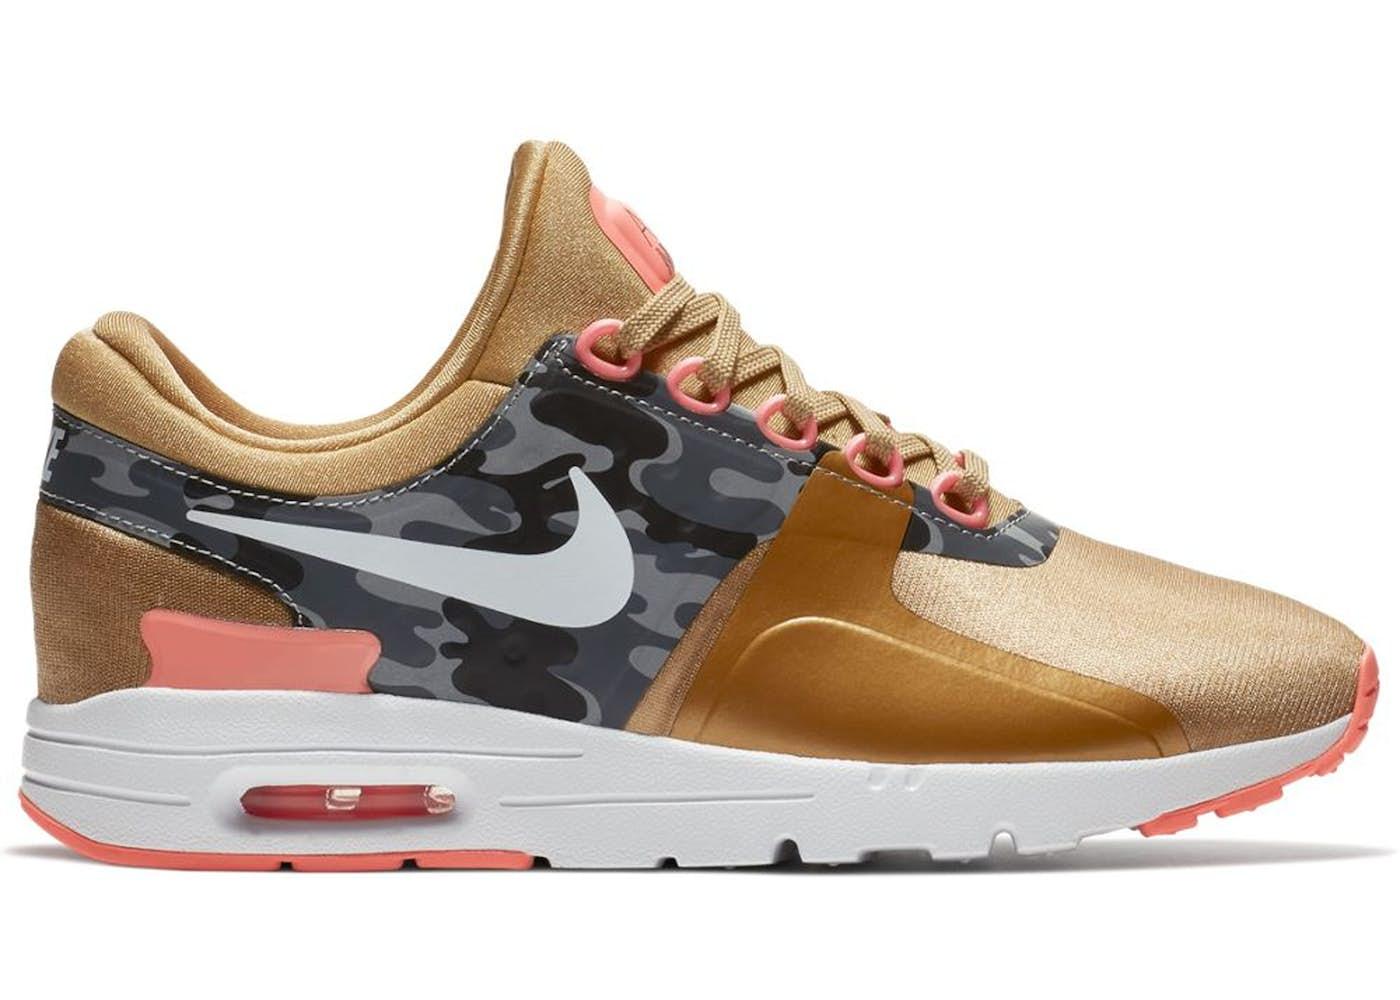 Sneakers sale nike air